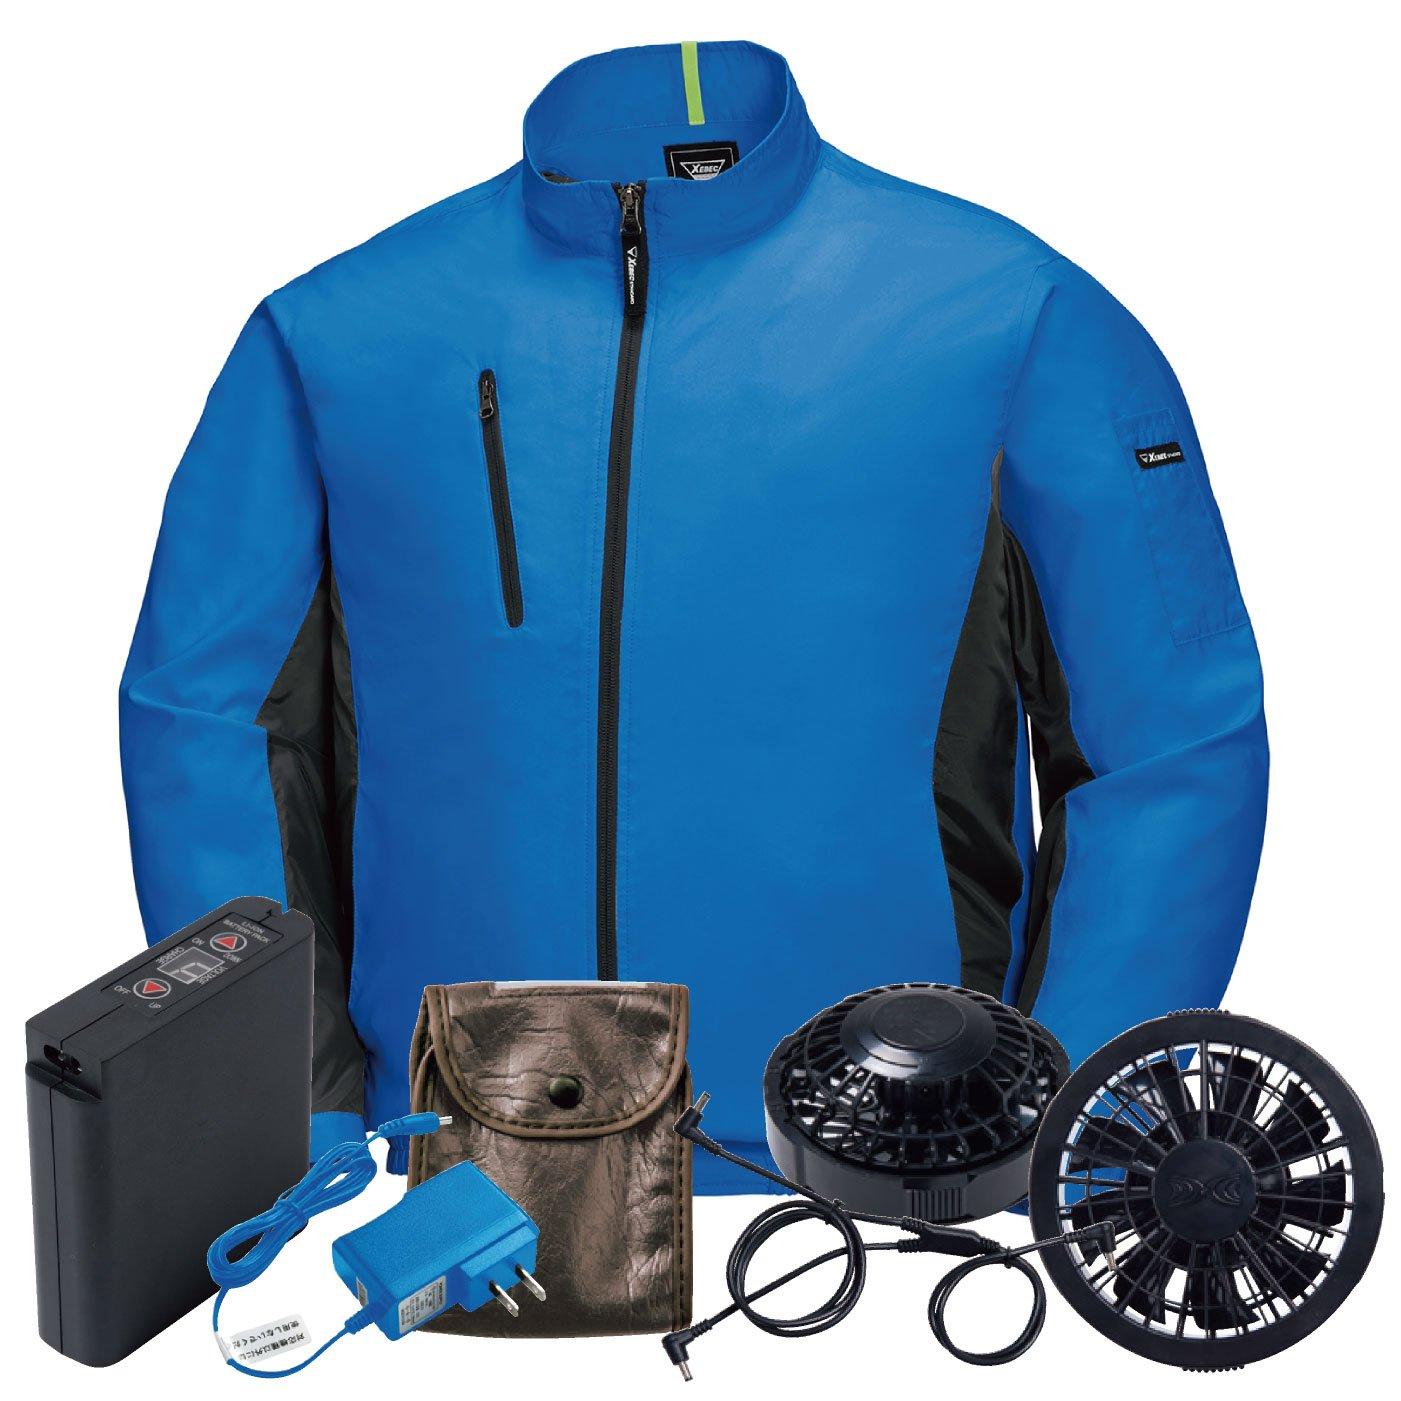 XEBEC(ジーベック) 空調服 ファン付き 長袖ブルゾン 空調服セット カジュアル メンズ 作業服 xb-xe98003-l 【空調服+ファンバッテリーセット】 B07CXG4WLC 3L|ロイヤルブルー/黒ファン ロイヤルブルー/黒ファン 3L